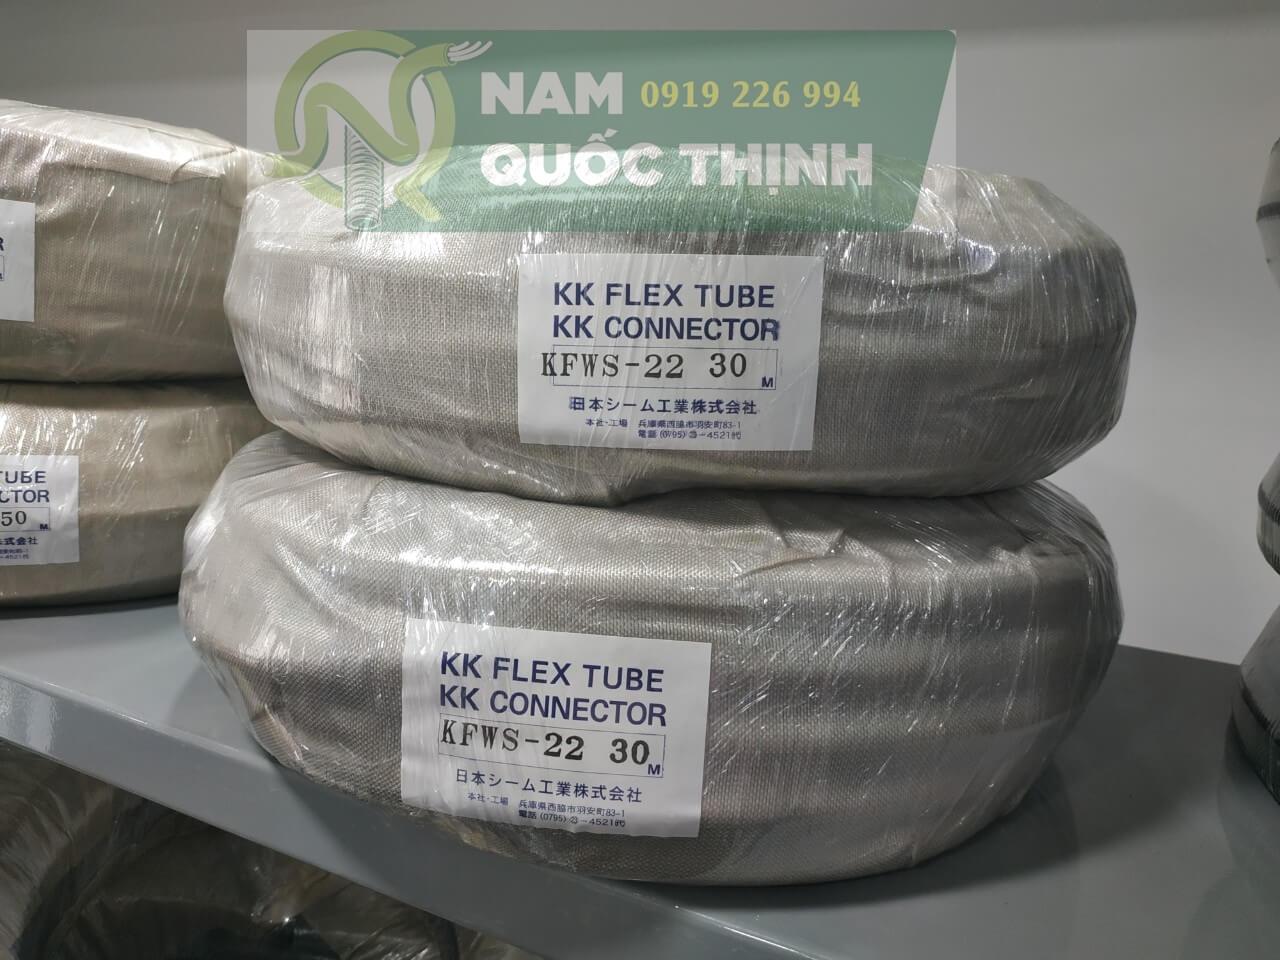 Ống ruột gà lõi thép bọc lưới inox 304